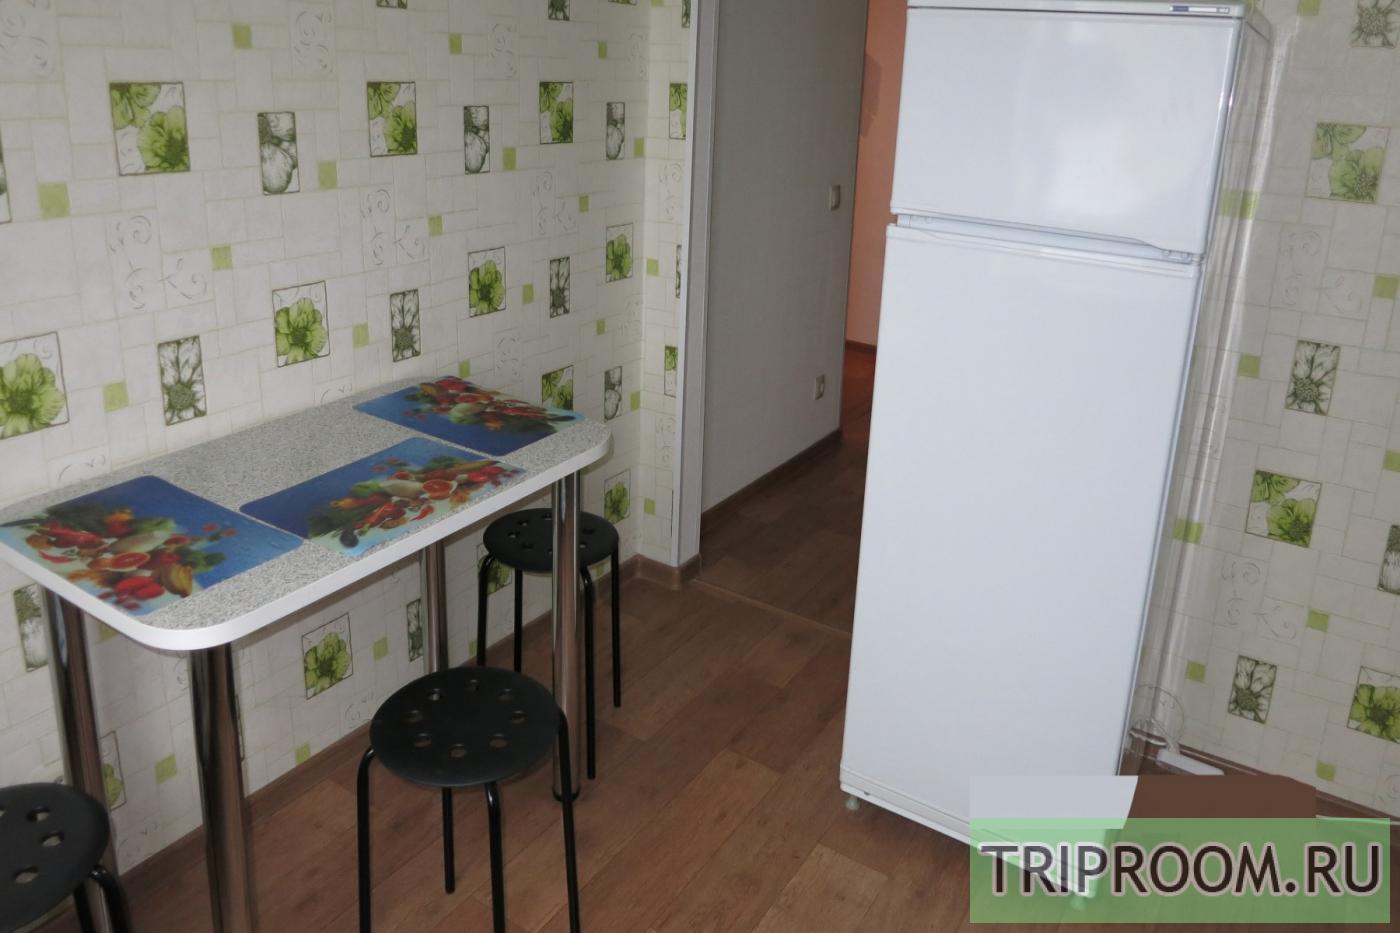 2-комнатная квартира посуточно (вариант № 6973), ул. Авиационная улица, фото № 8